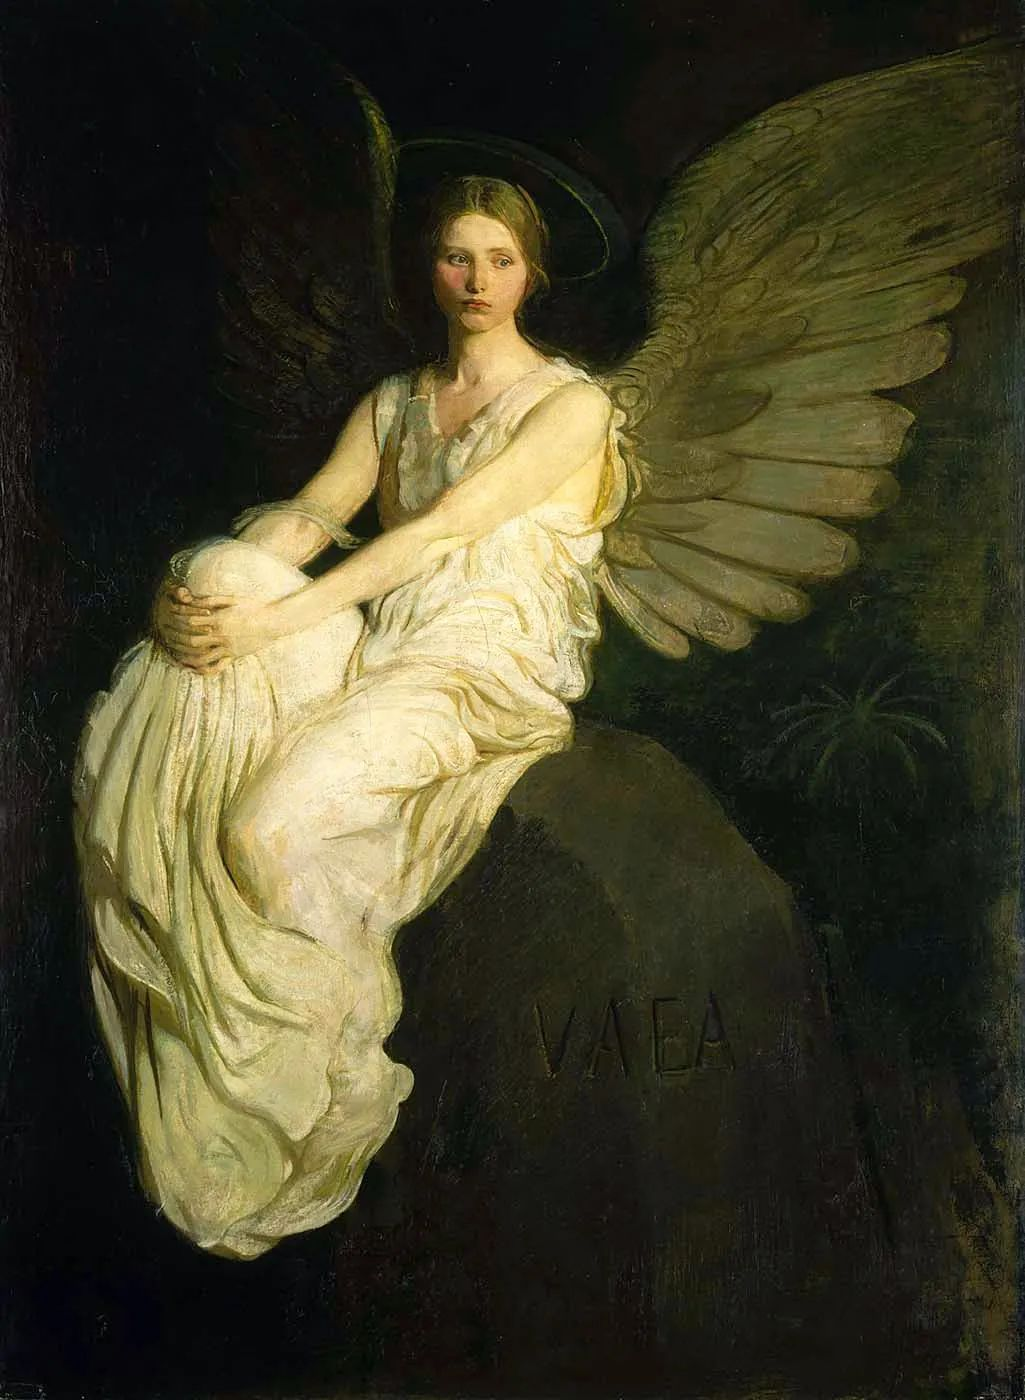 空灵的天使,精美绝伦!插图1